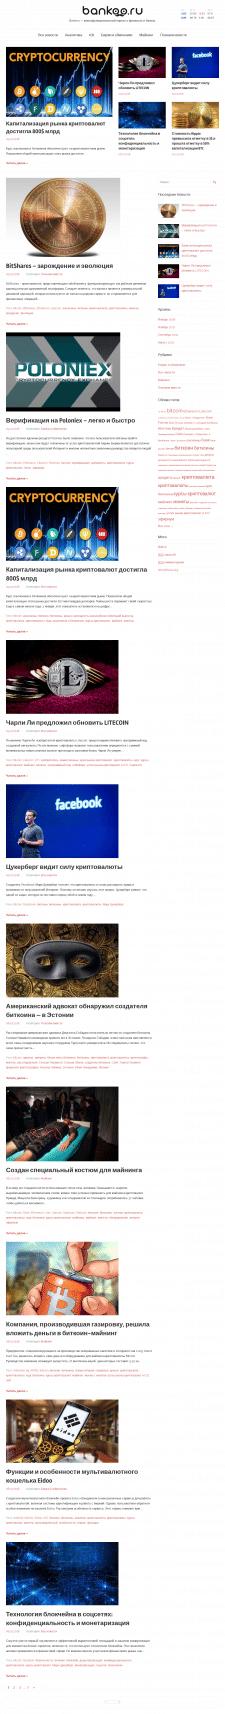 Рерайтинг и переводы для сайта о криптовалютах